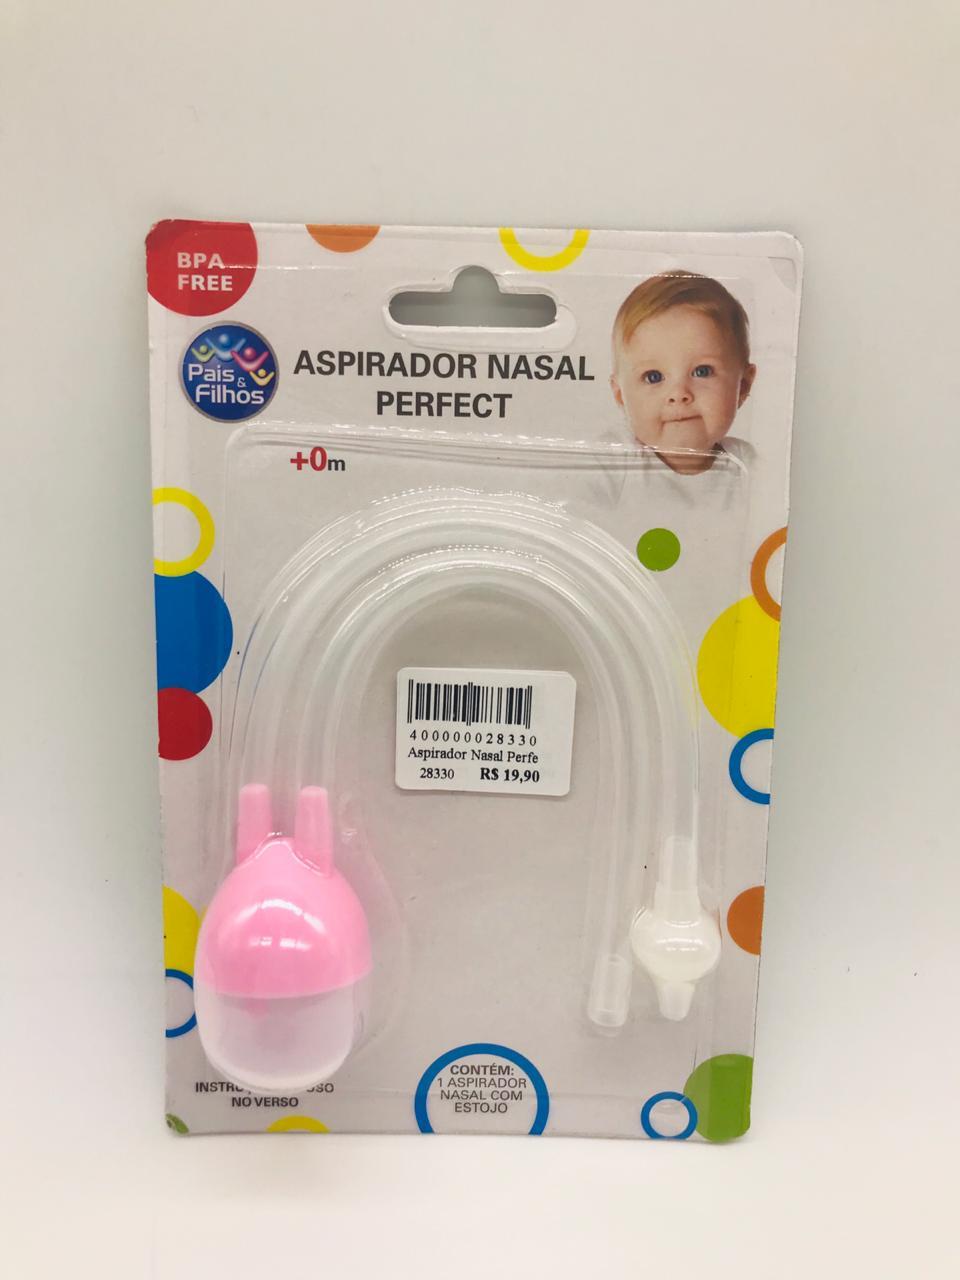 Aspirador Nasal Perfect Rosa - Pais e Filhos Ref 8967